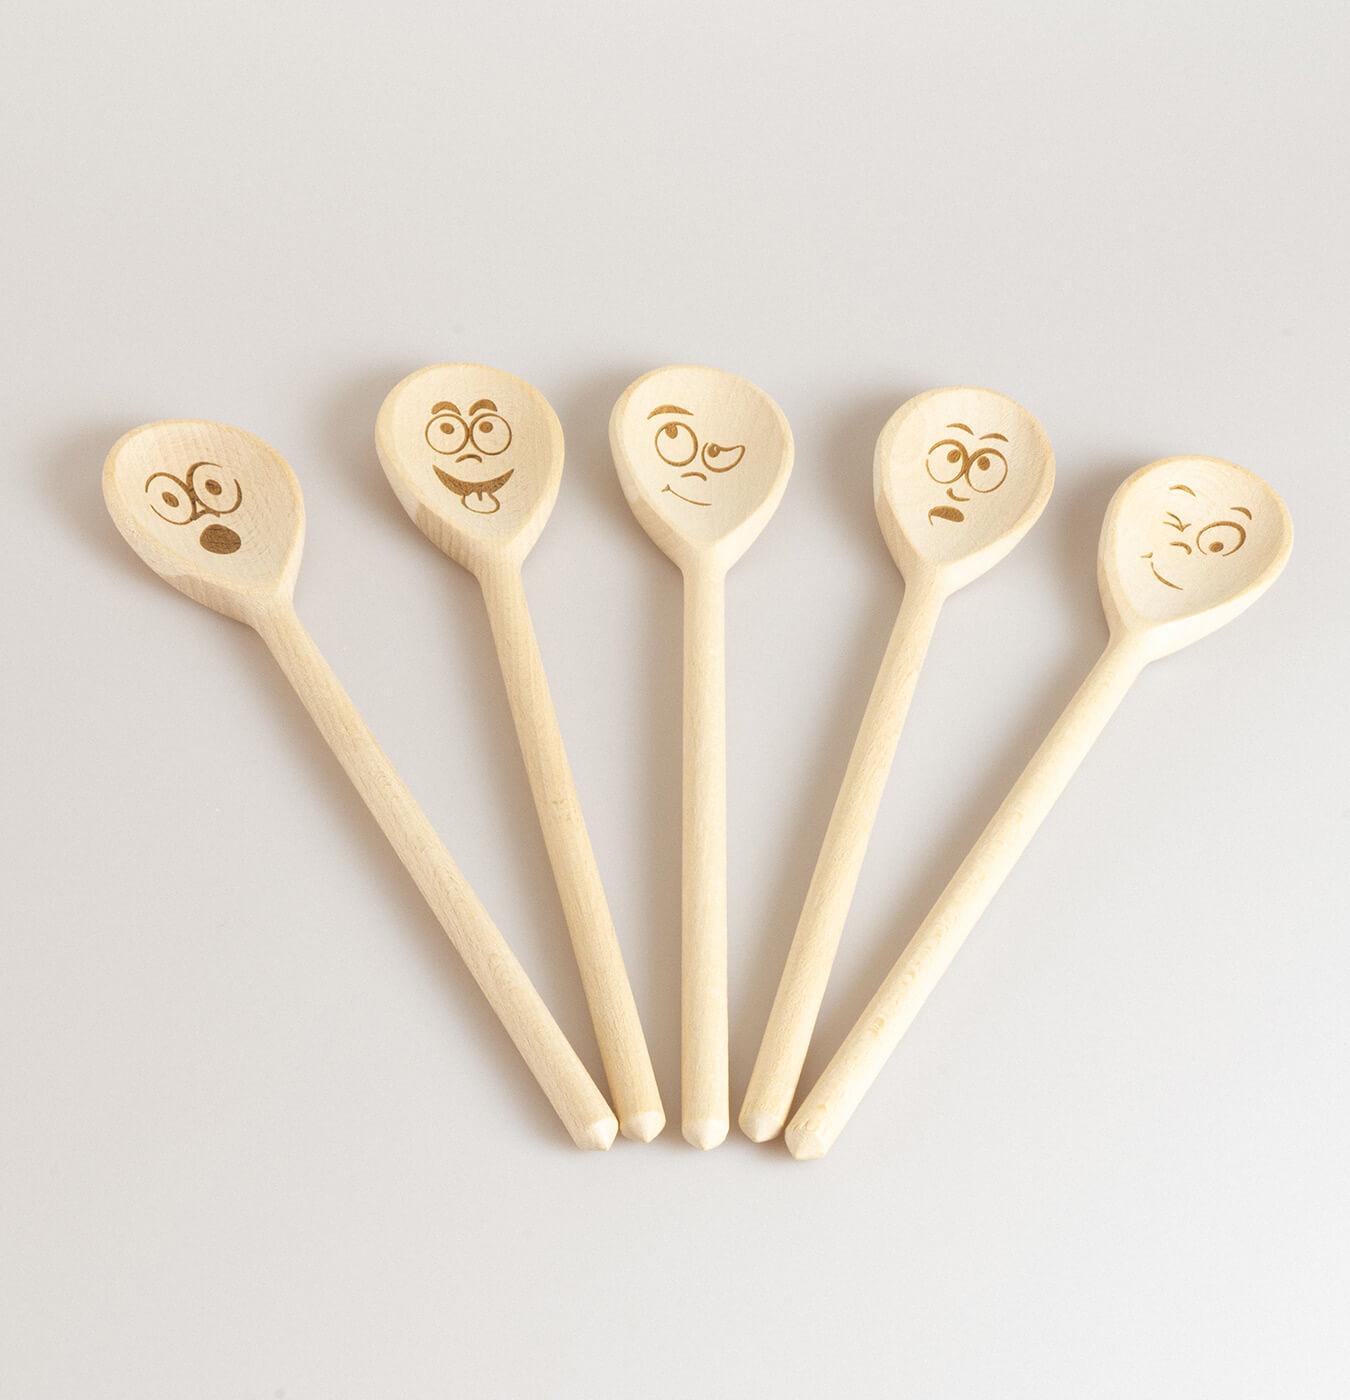 Mestolo in legno di faggio con decorazione incisa